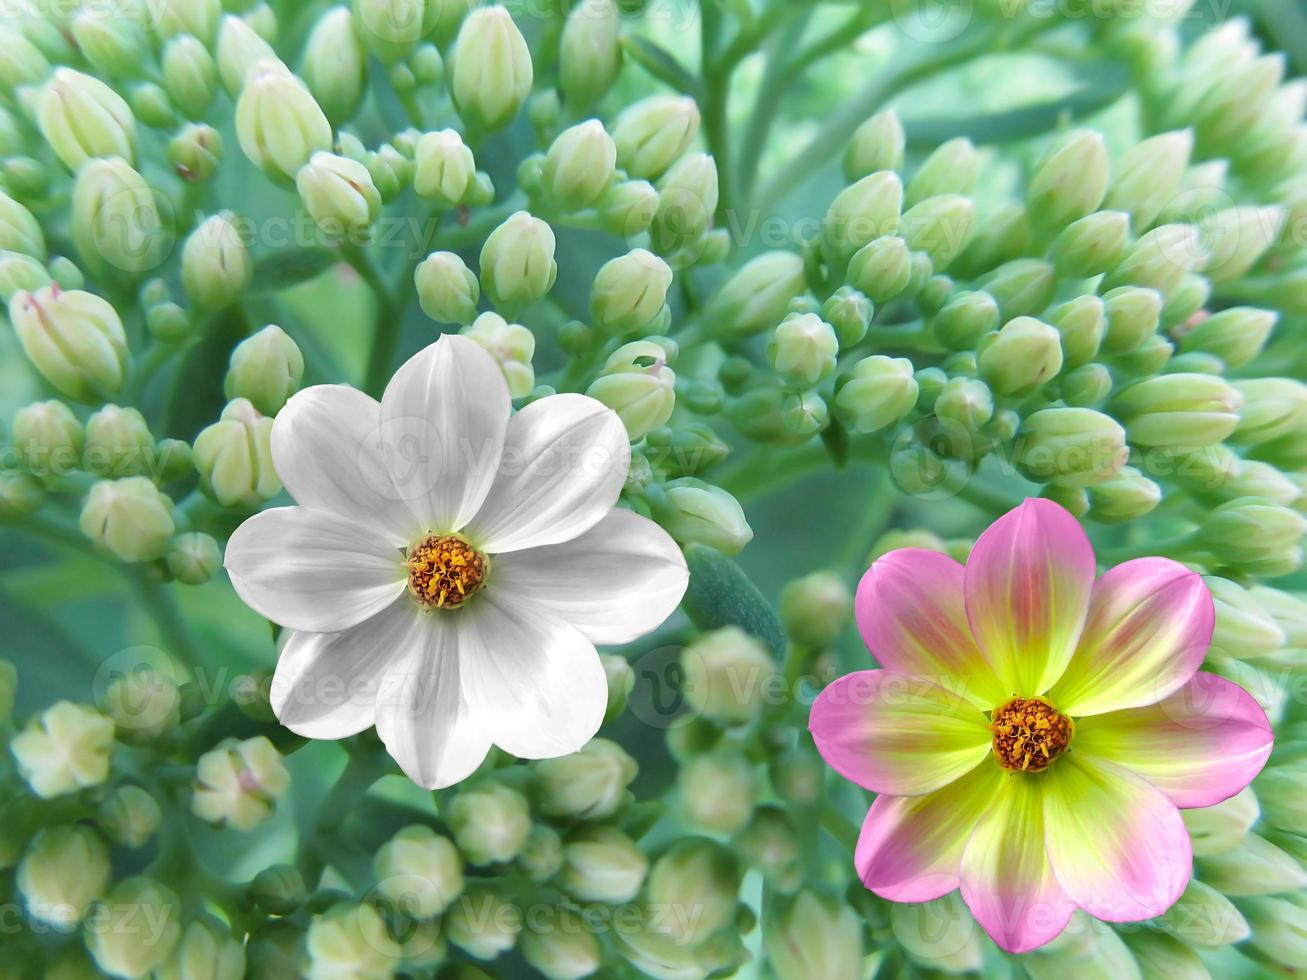 bloemen foto